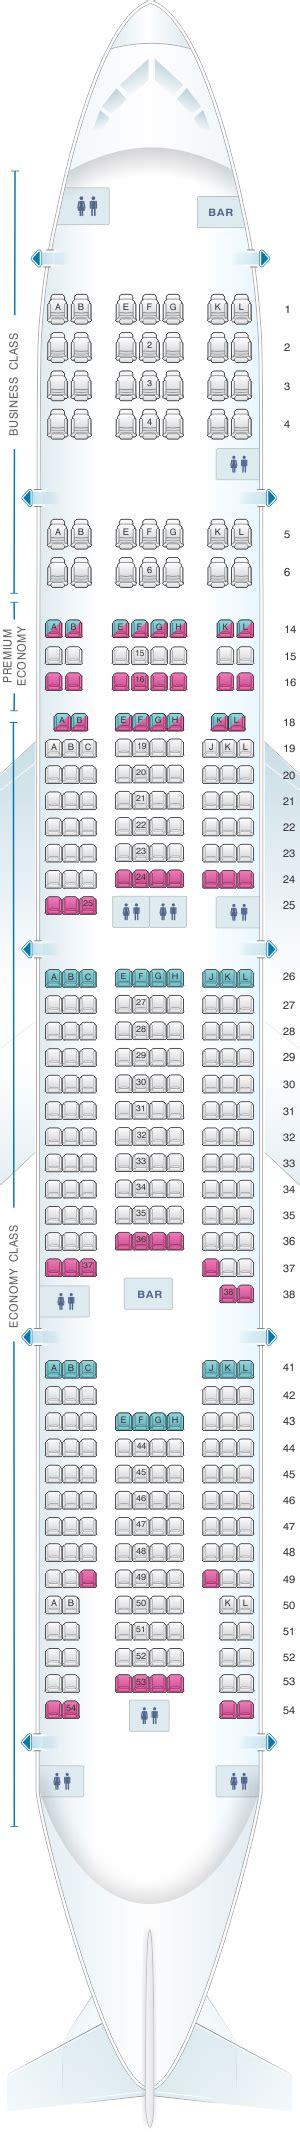 plan si es boeing 777 300er air mapa de asientos air boeing b777 300 haul